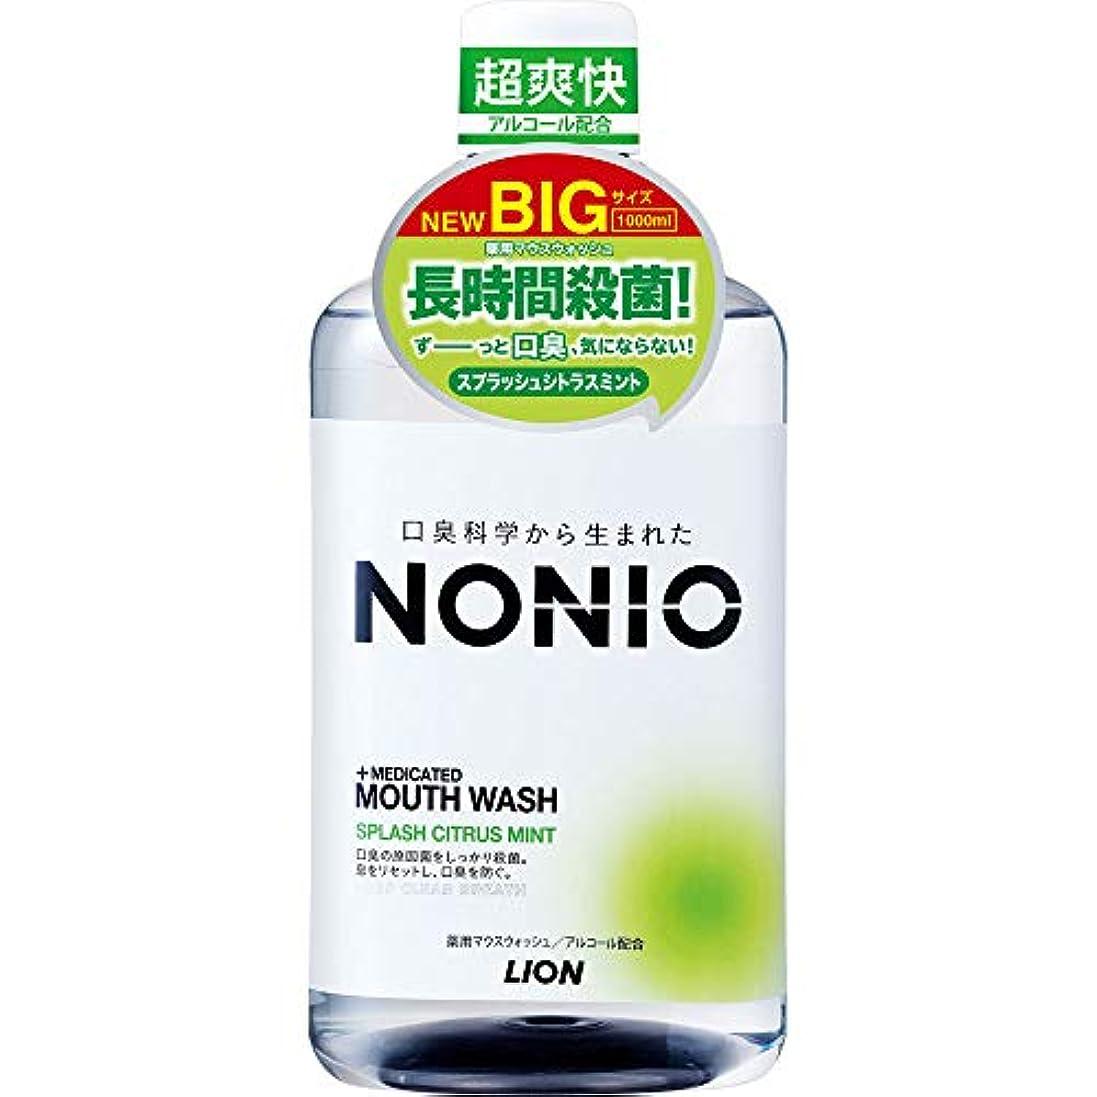 批評絶えず出しますライオン ノニオ マウスウオッシュ 超爽快 スプラッシュミント1000ml